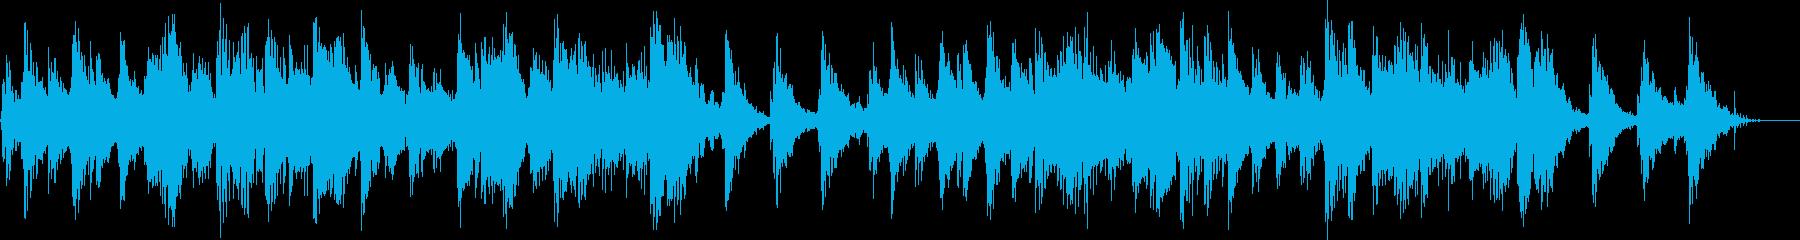 リラックス・安心できるBGMの再生済みの波形